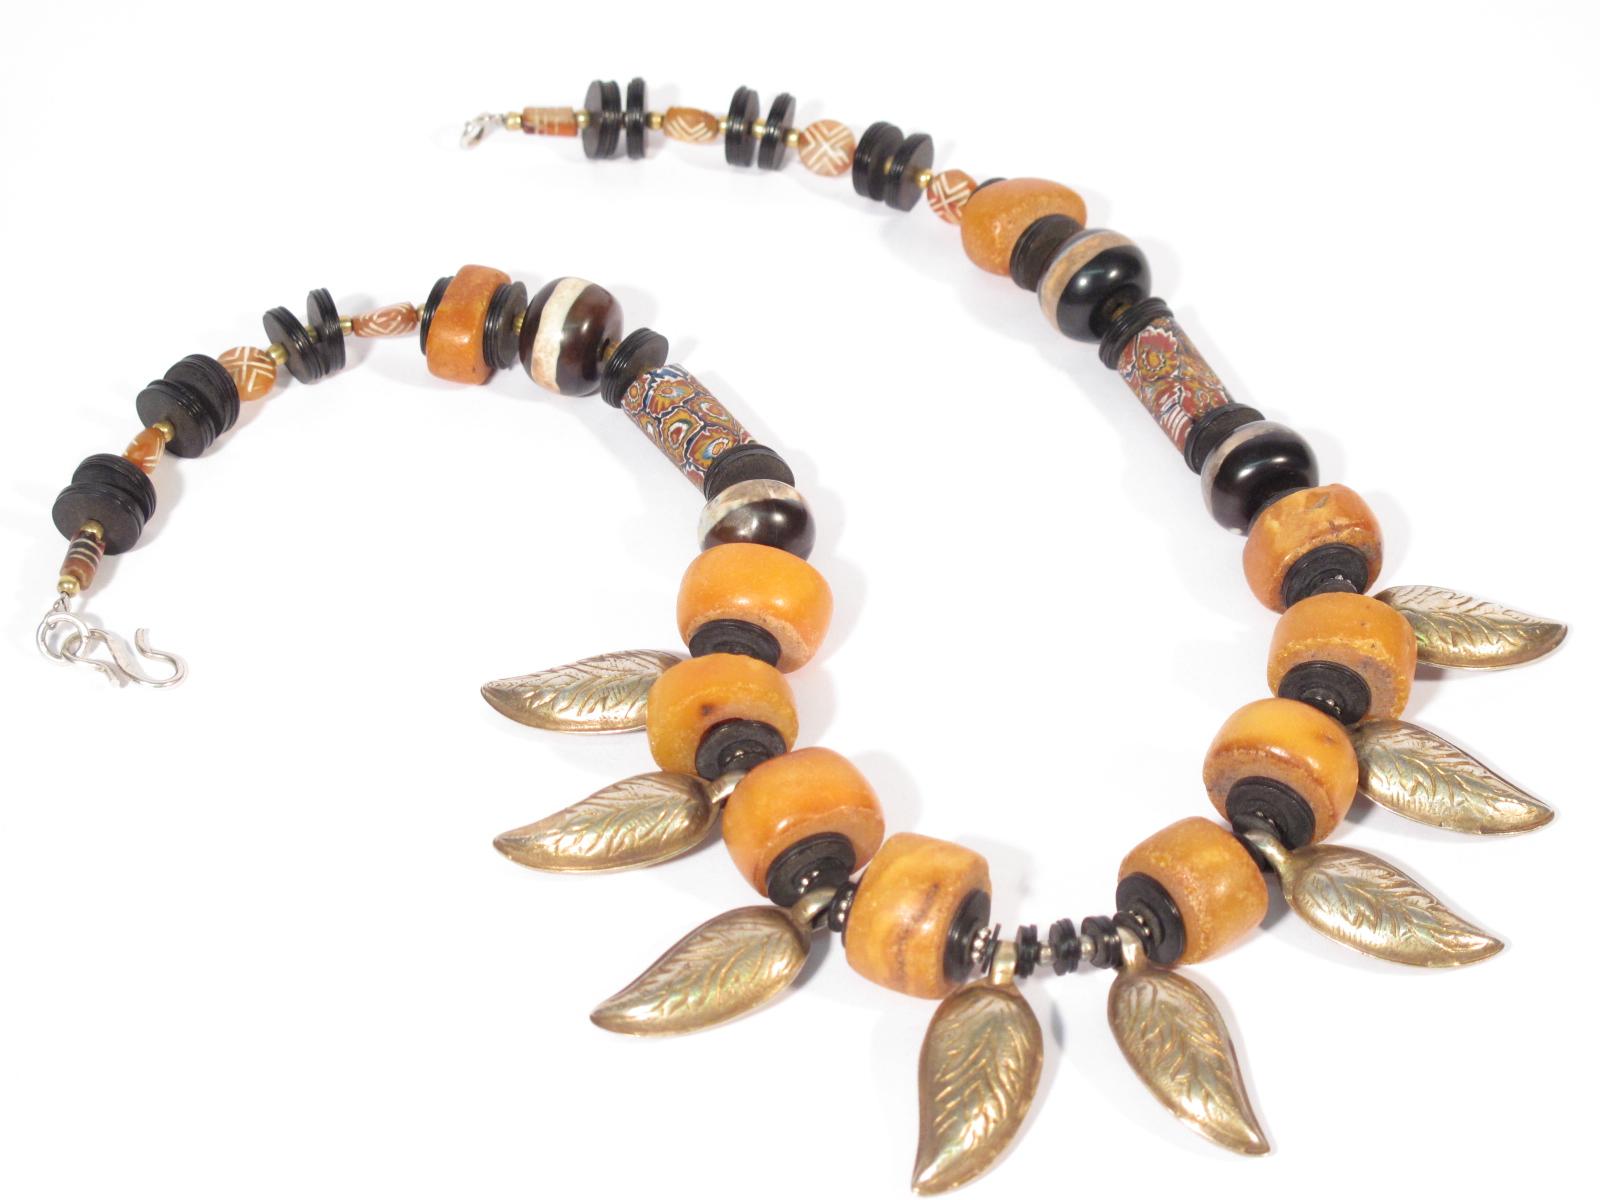 Collana in argento dorato, ambra grezza, agata, murrine e legno